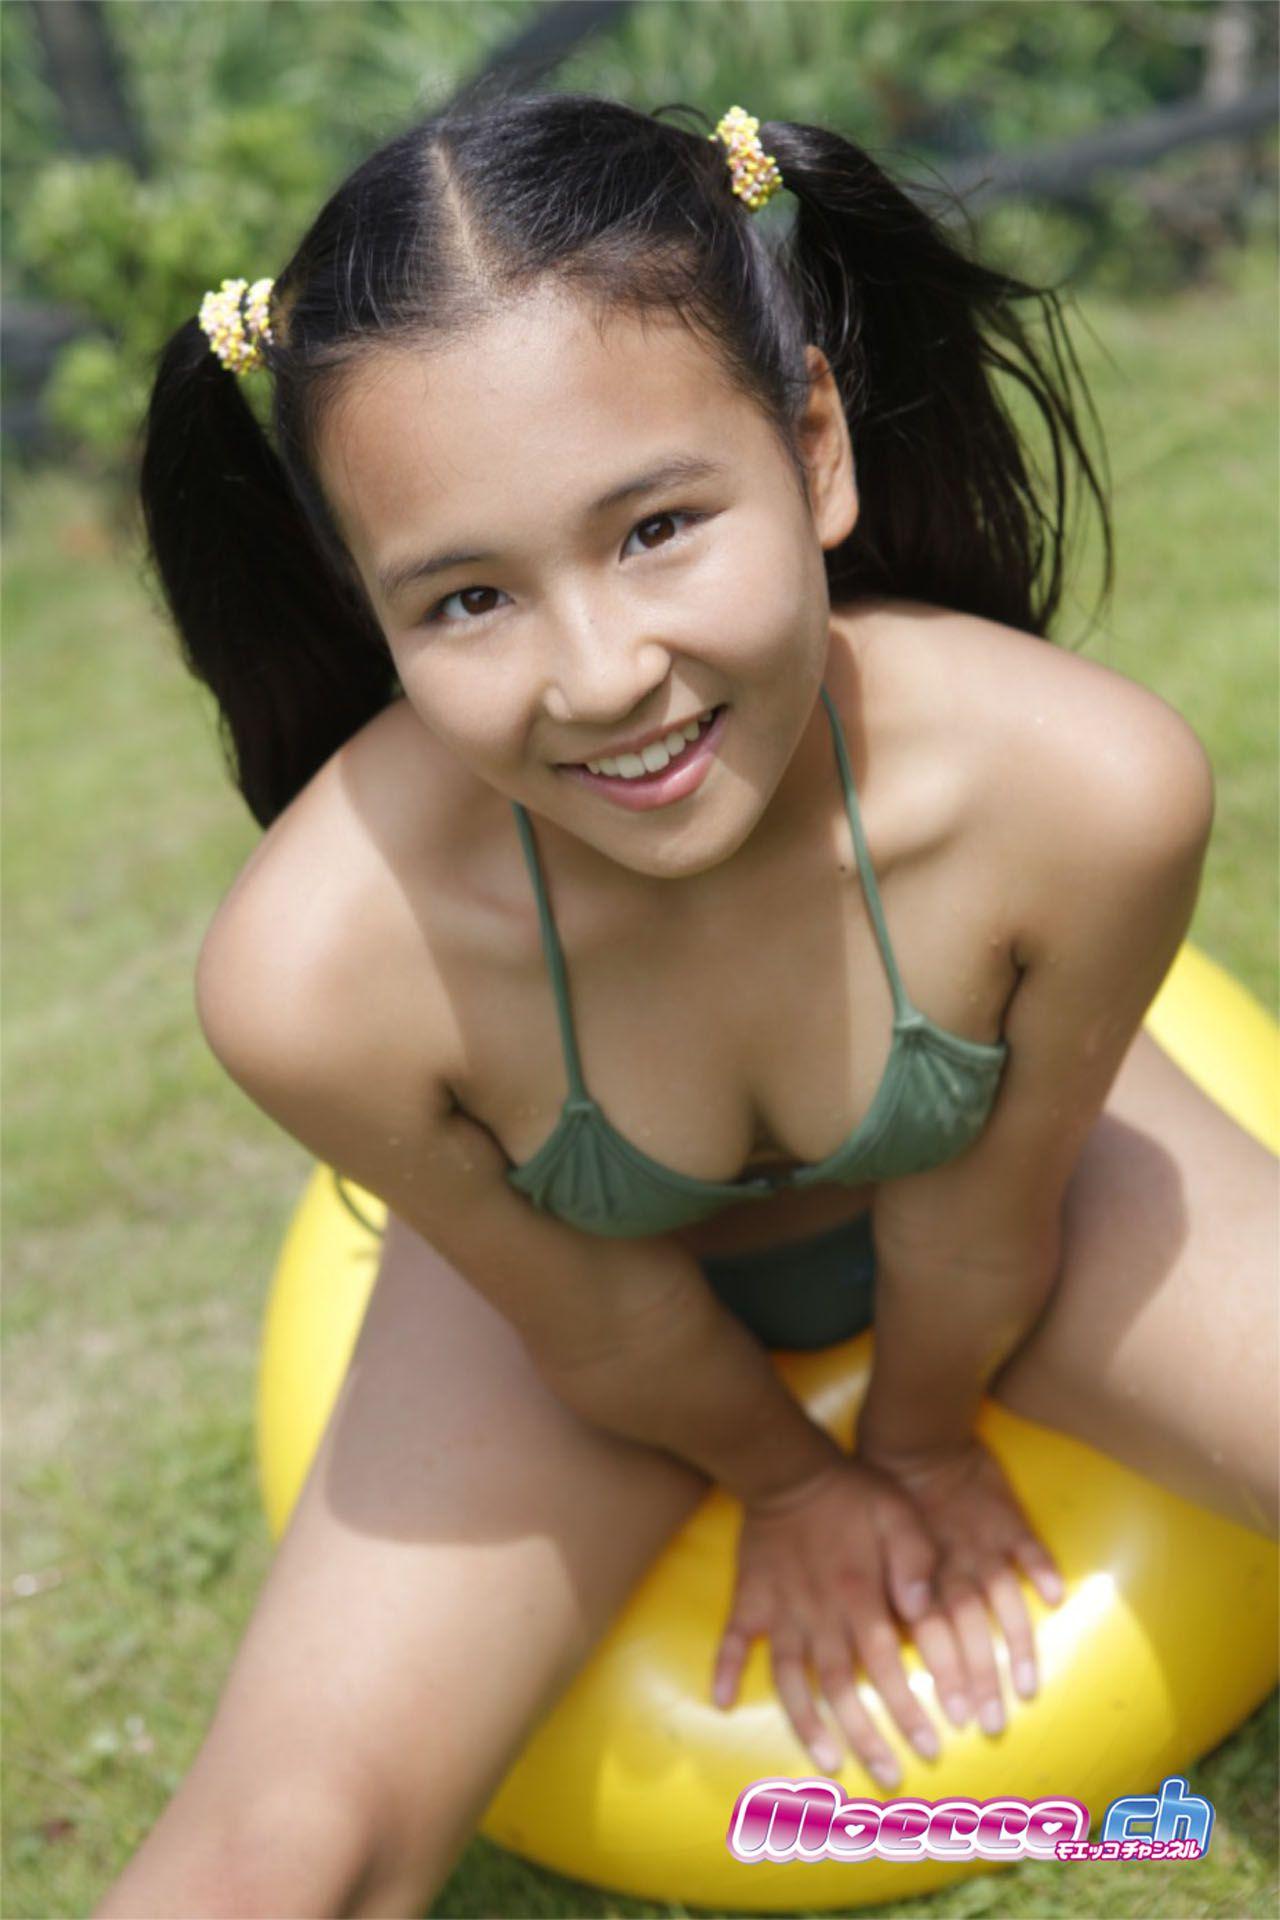 色んなジュニアアイドル画像3 [無断転載禁止]©2ch.netYouTube動画>7本 ->画像>3730枚